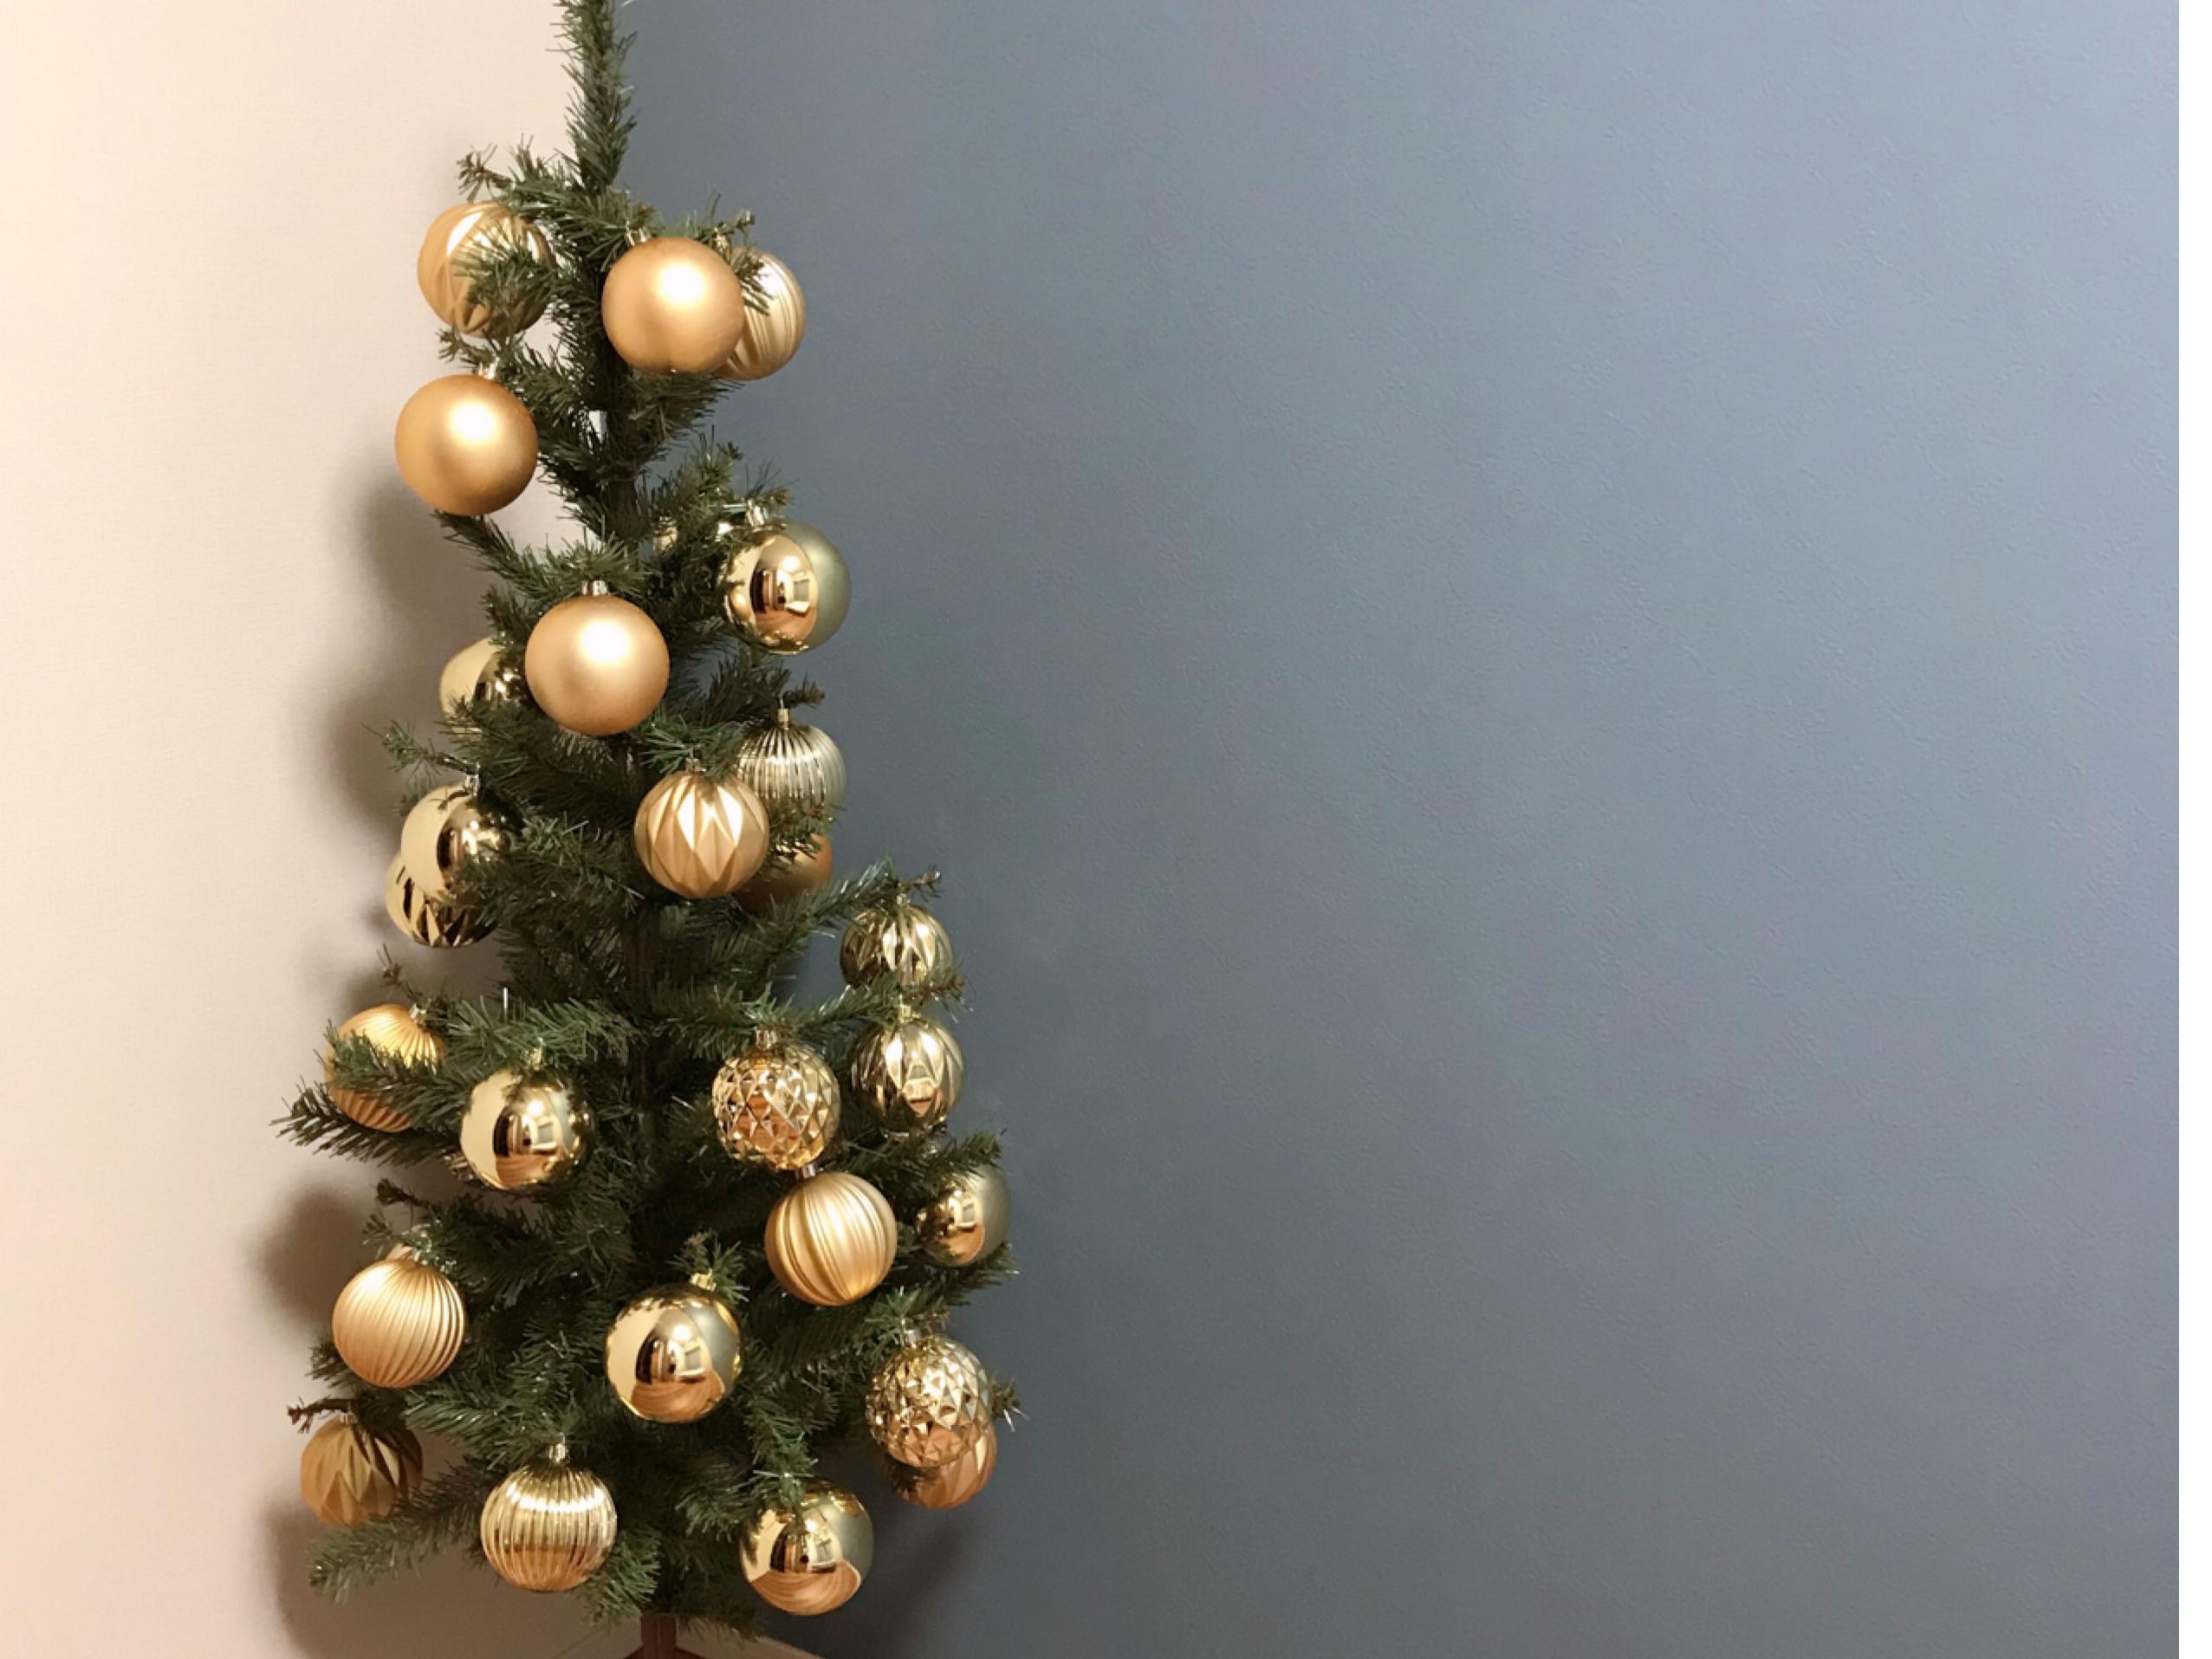 IKEAのクリスマスツリーが安くてかわいい!